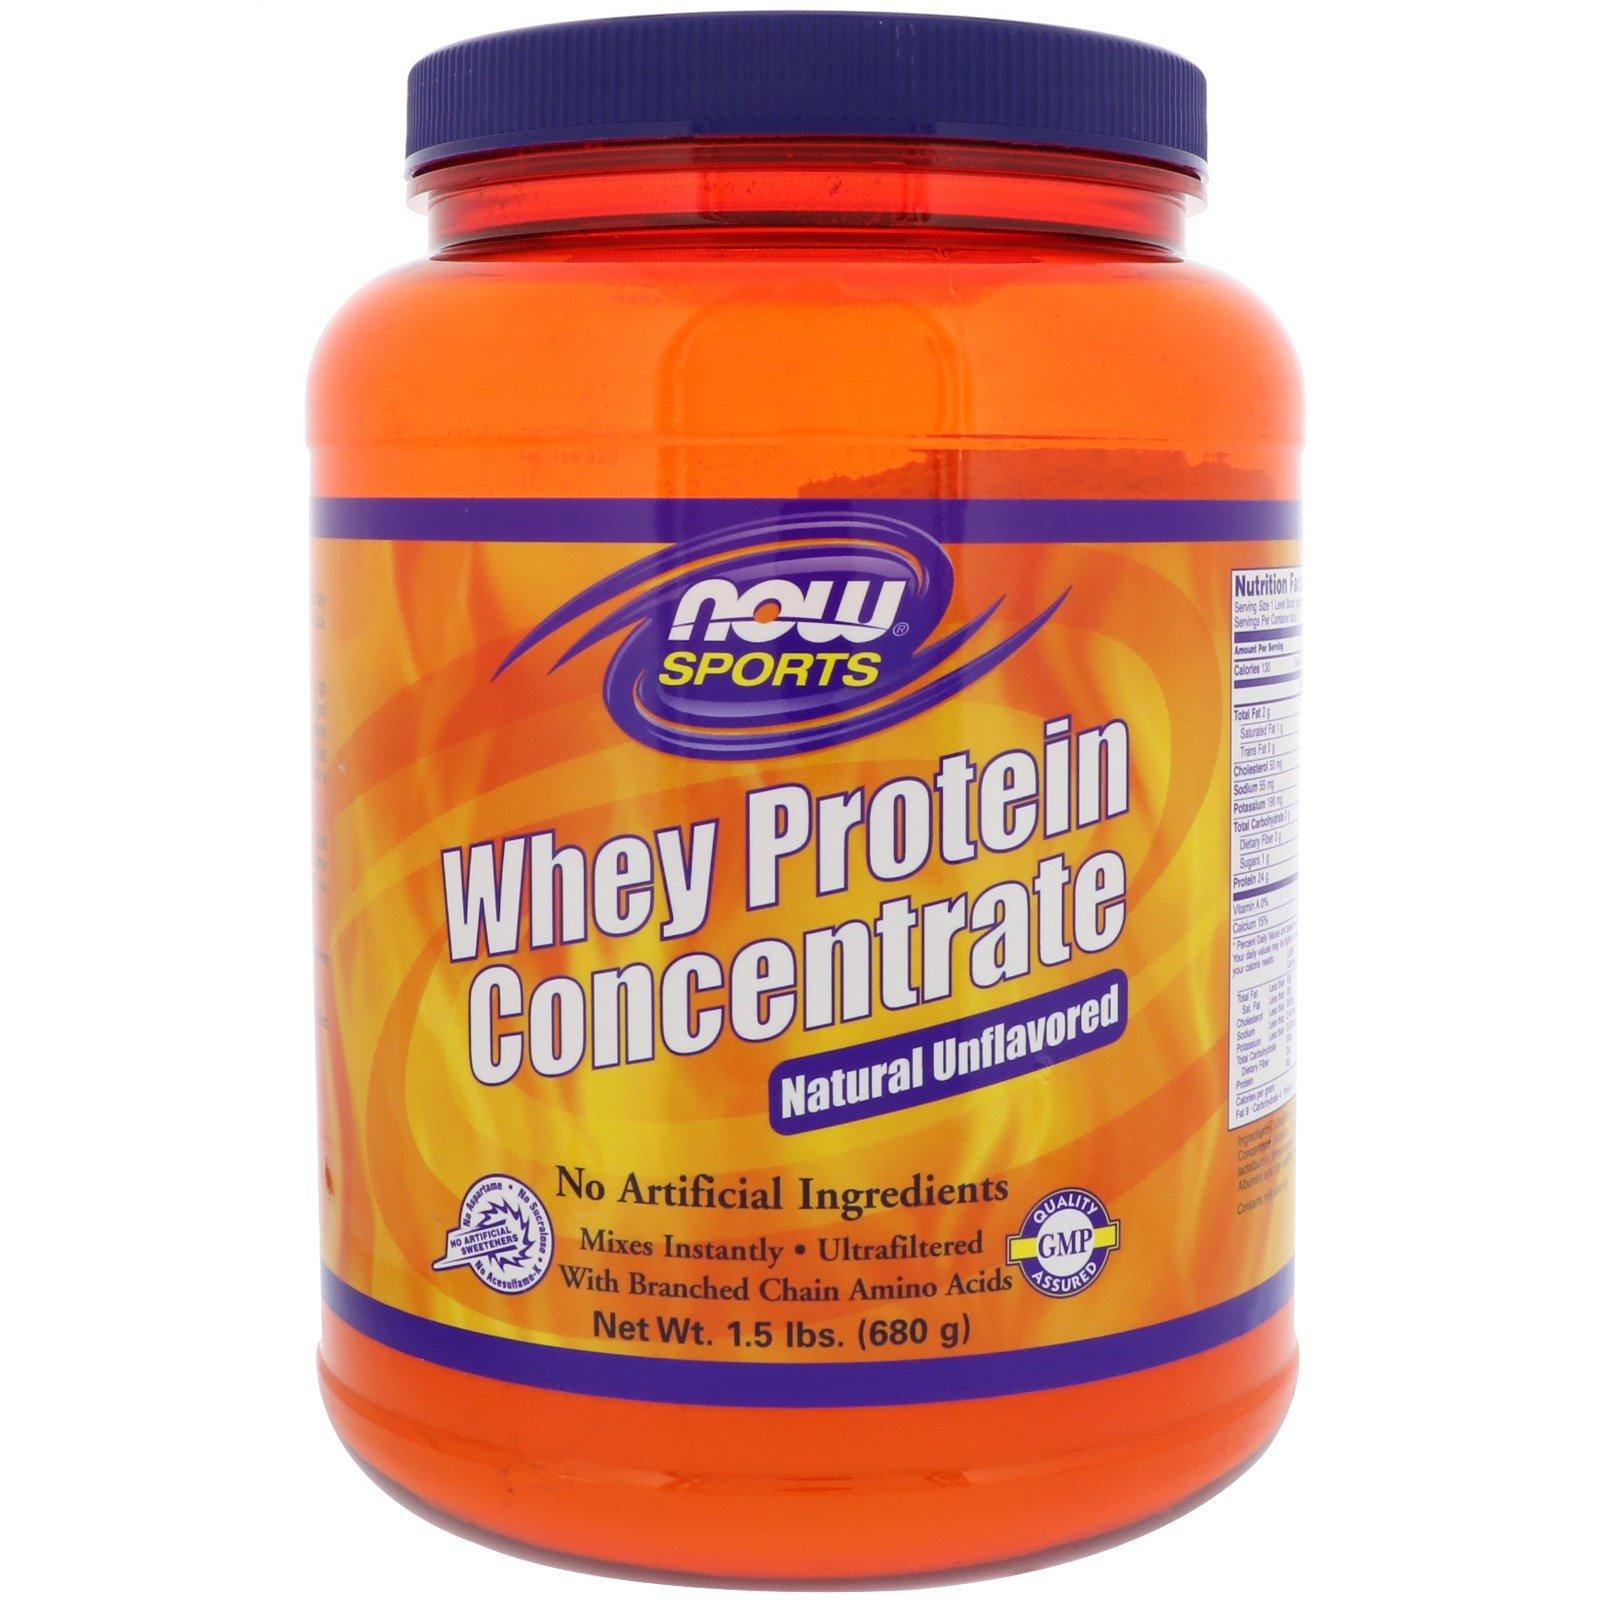 Now Foods, Sports, Концентрированный сывороточный протеин, натуральный без вкусовых добавок, 1.5 фунтов (680 г)